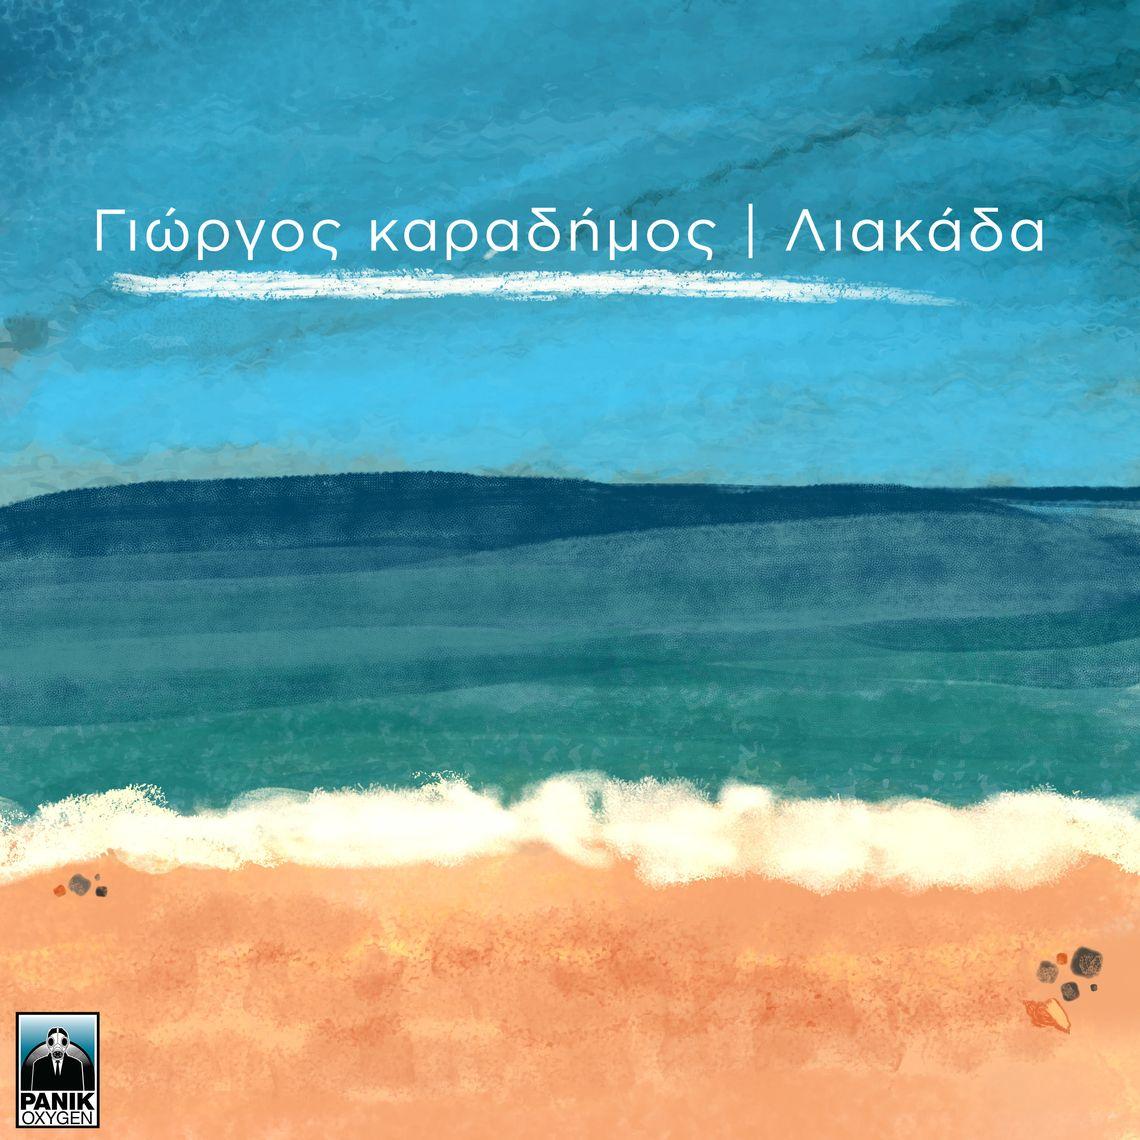 """""""Λιακάδα"""": Νέο τραγούδι του Γιώργου Καραδήμου"""